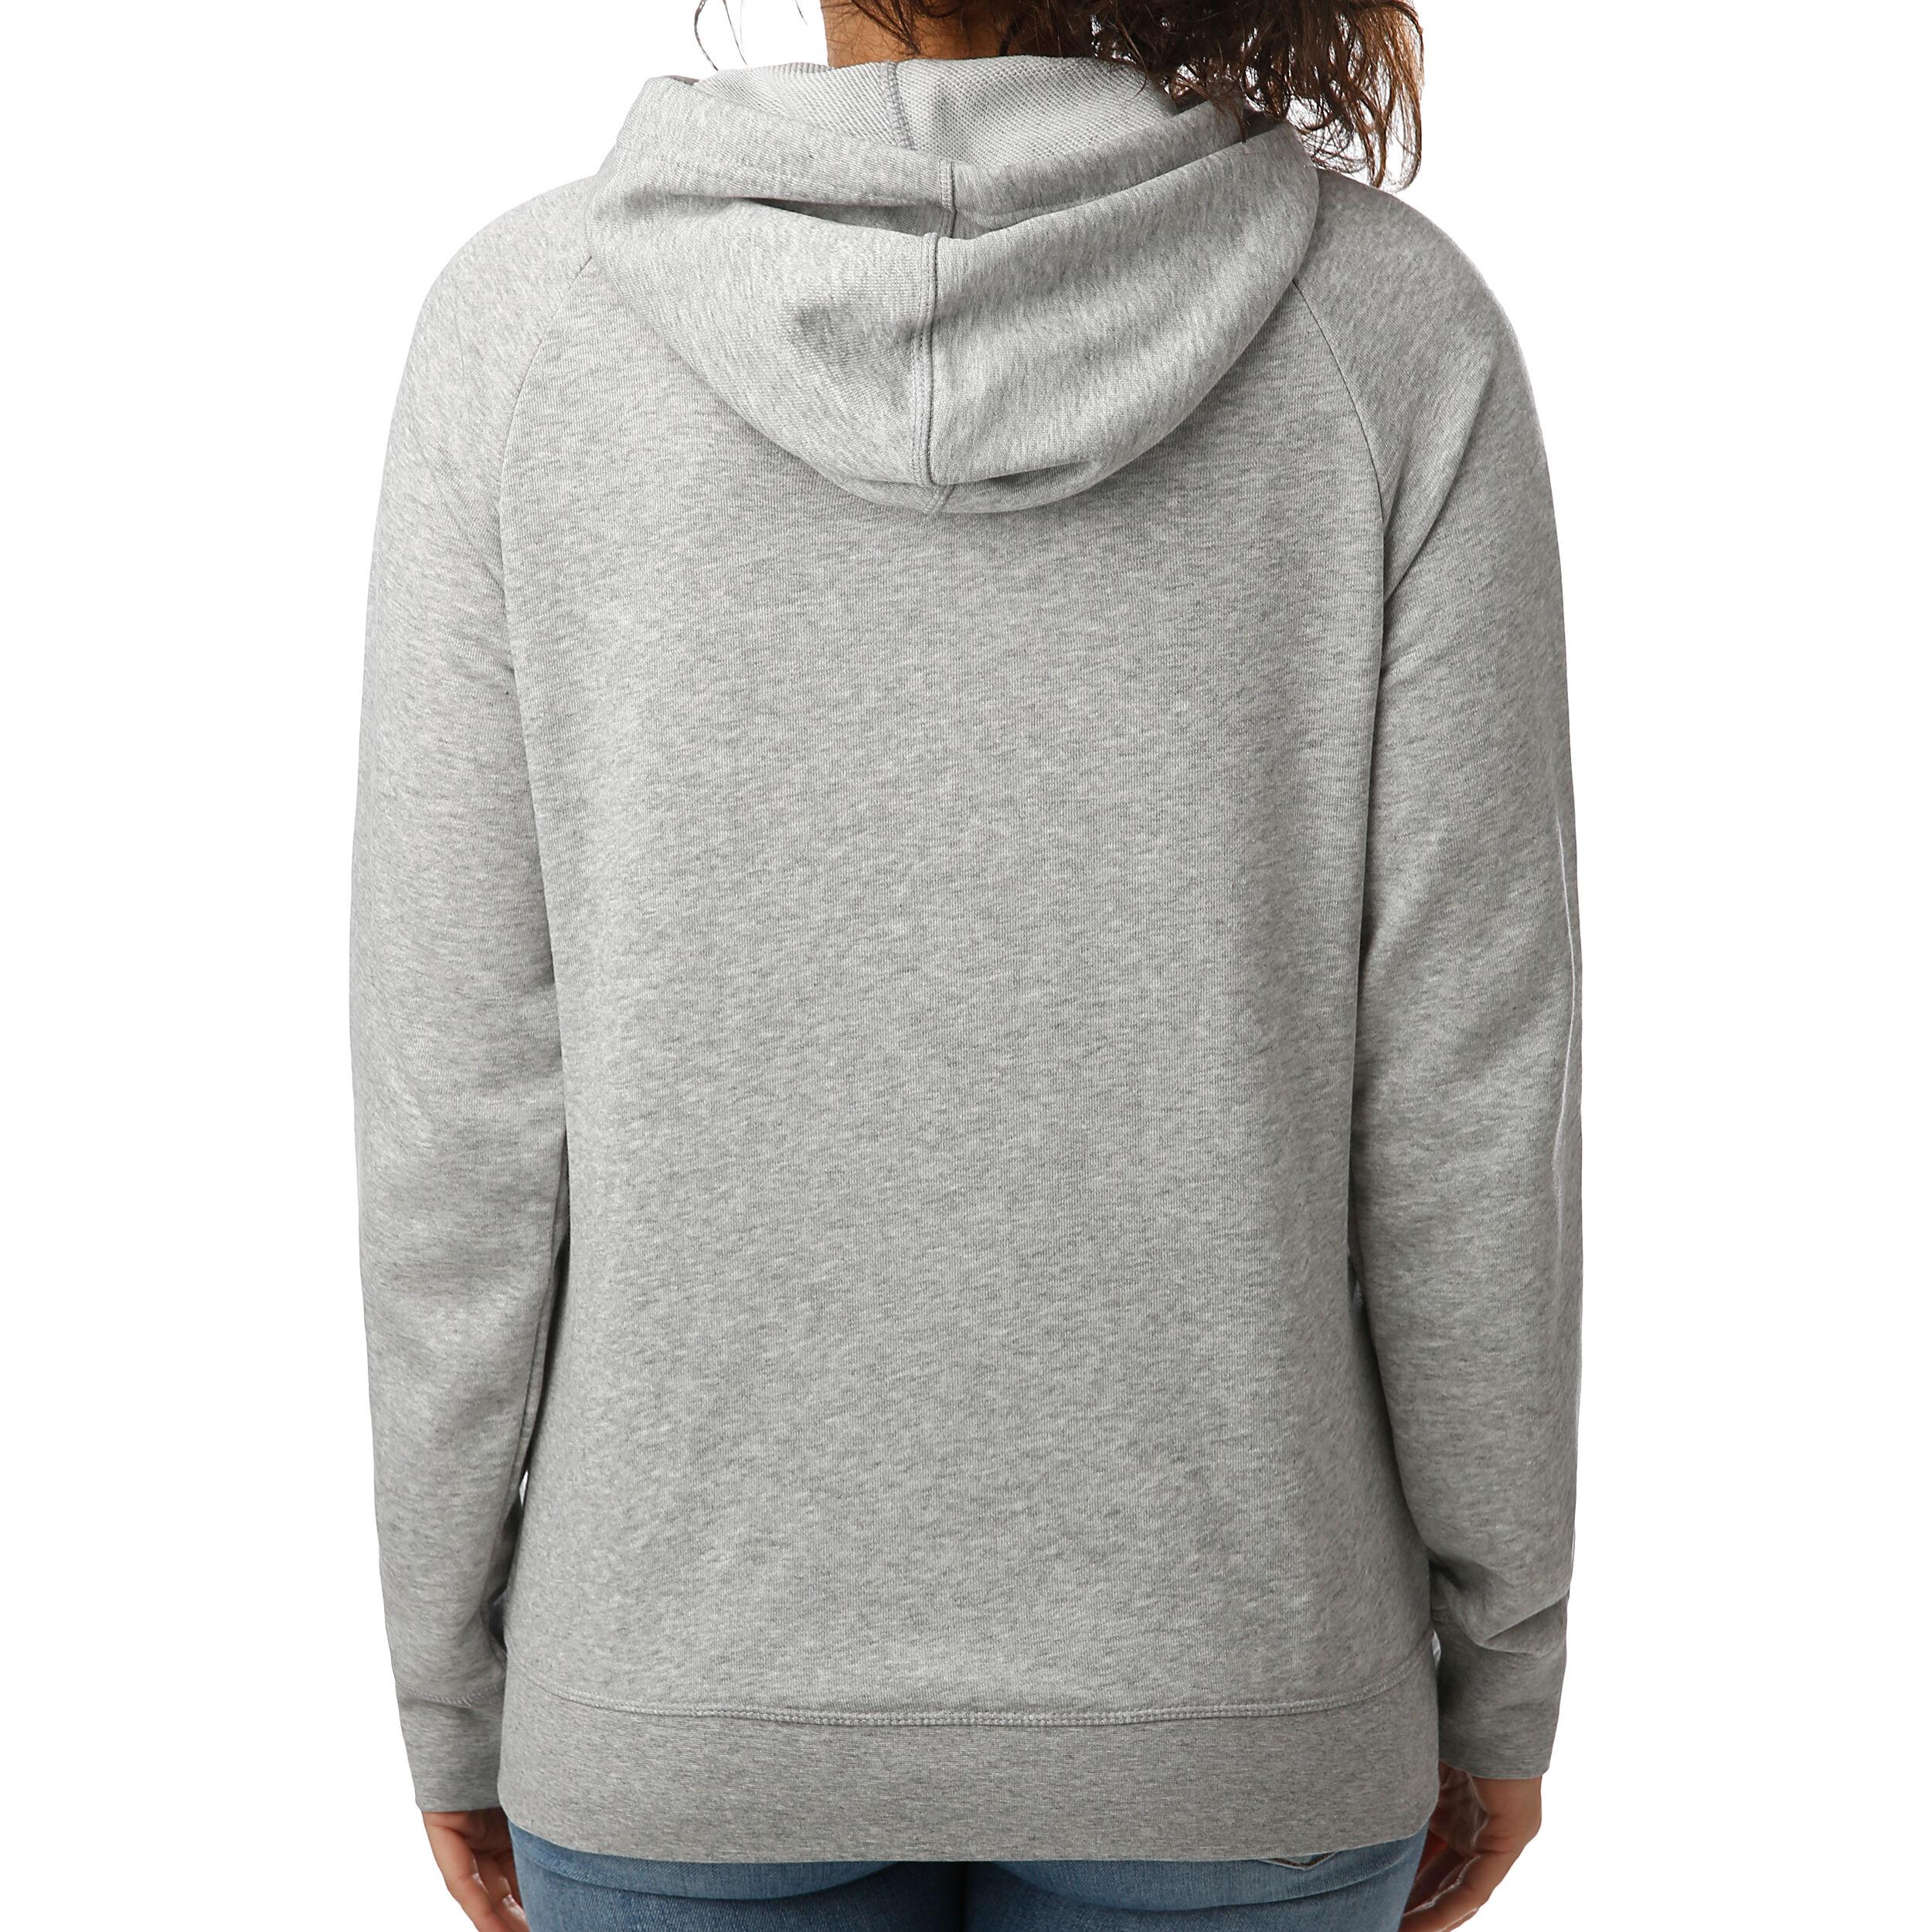 Reebok Elements Sweatjacke Damen Hellgrau, Weiß online